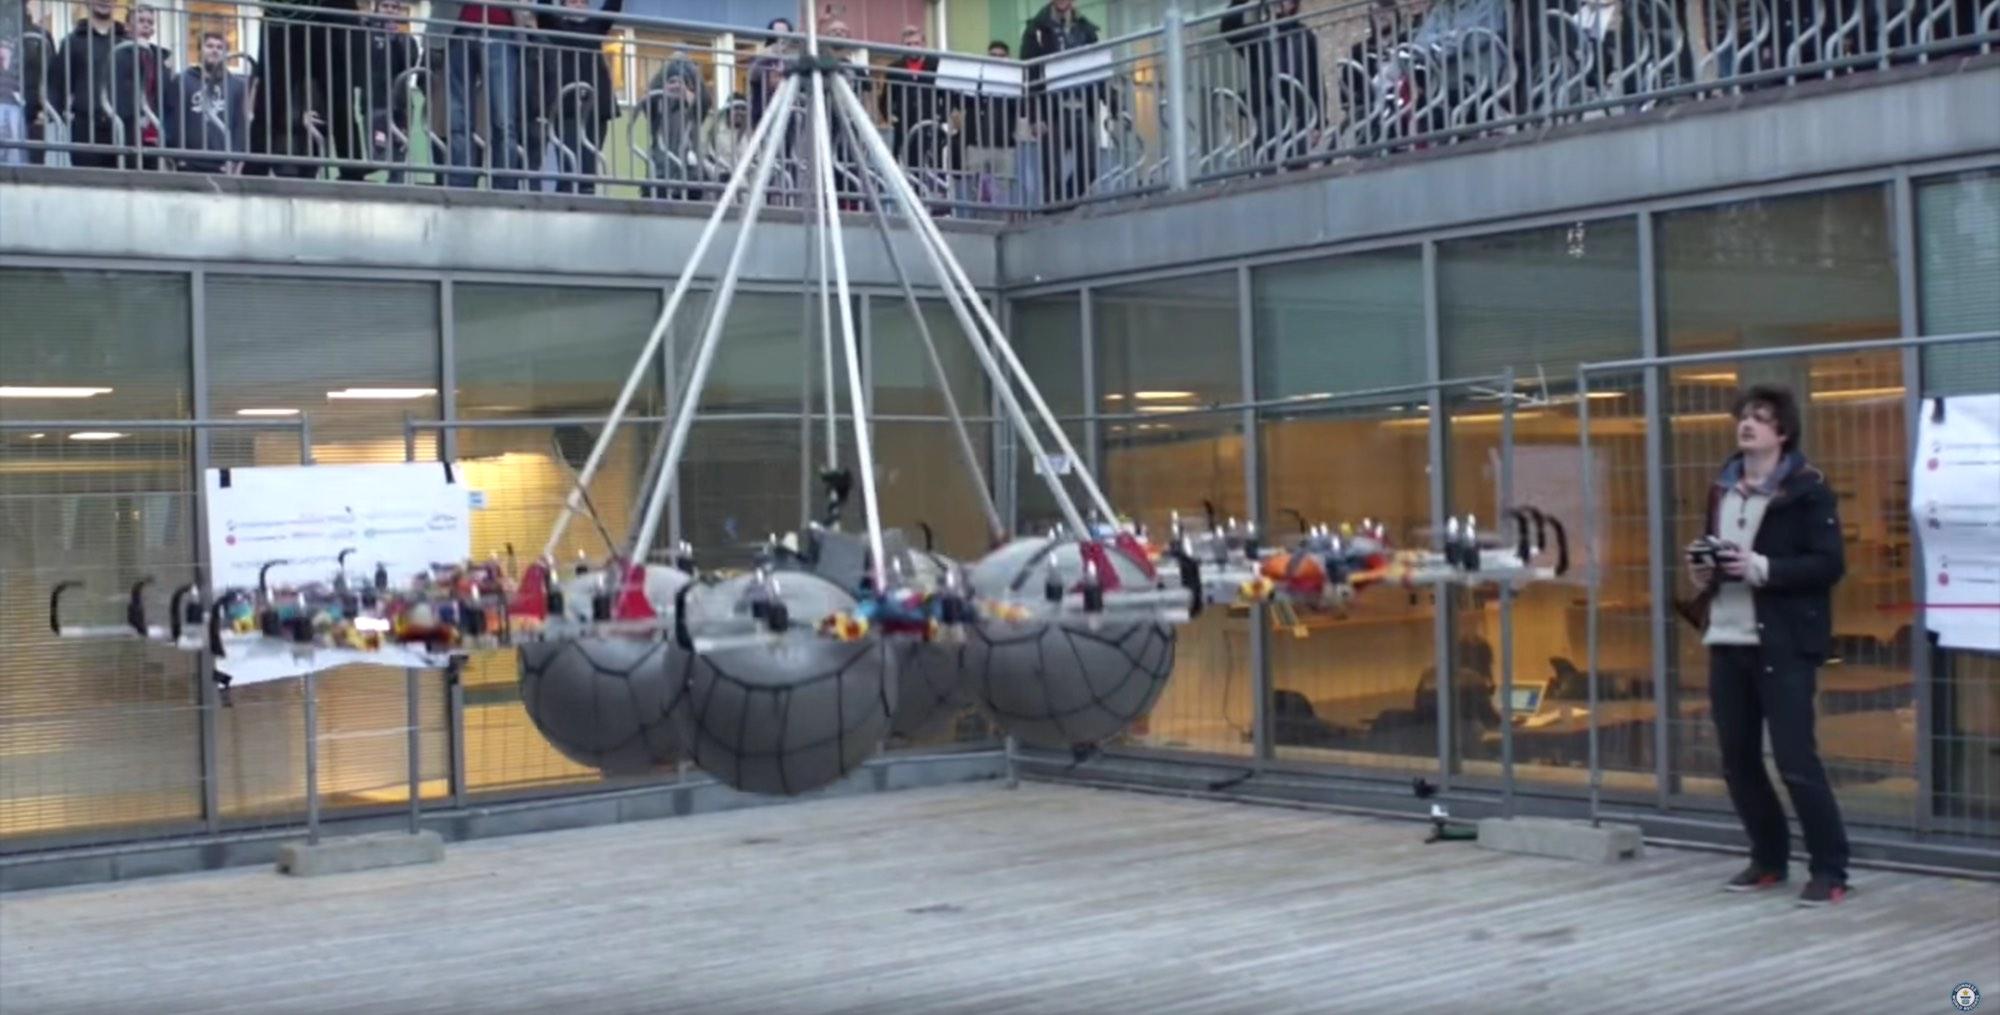 Nuevo récord de levantamiento de peso con drones: 61 kilos